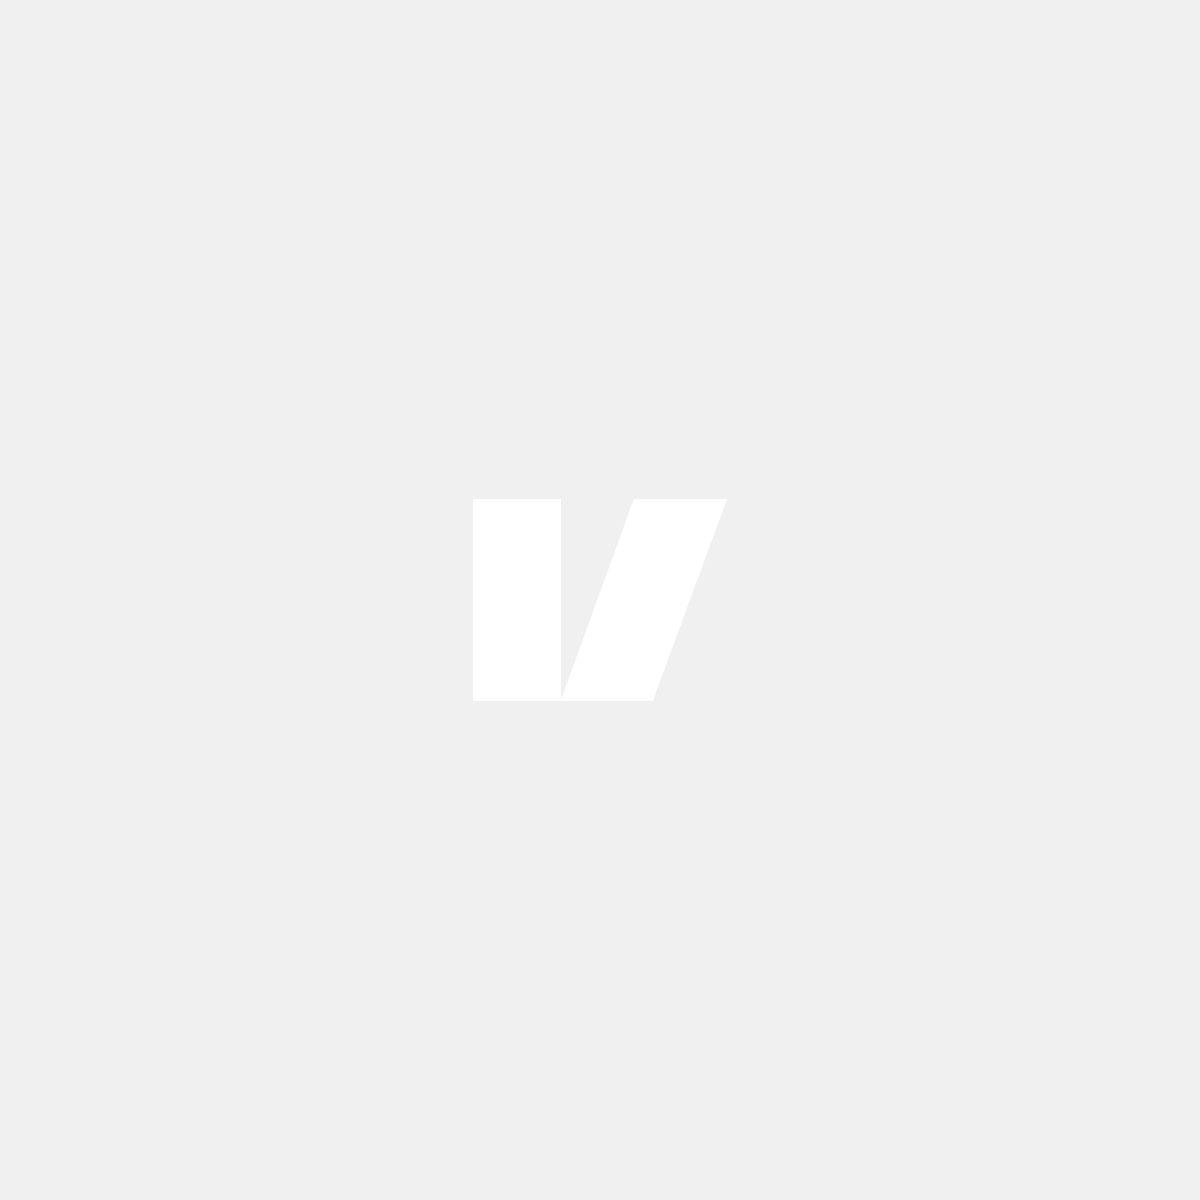 Mattkromade backspegelkåpor till Volvo S60, S80, V70, XC70,